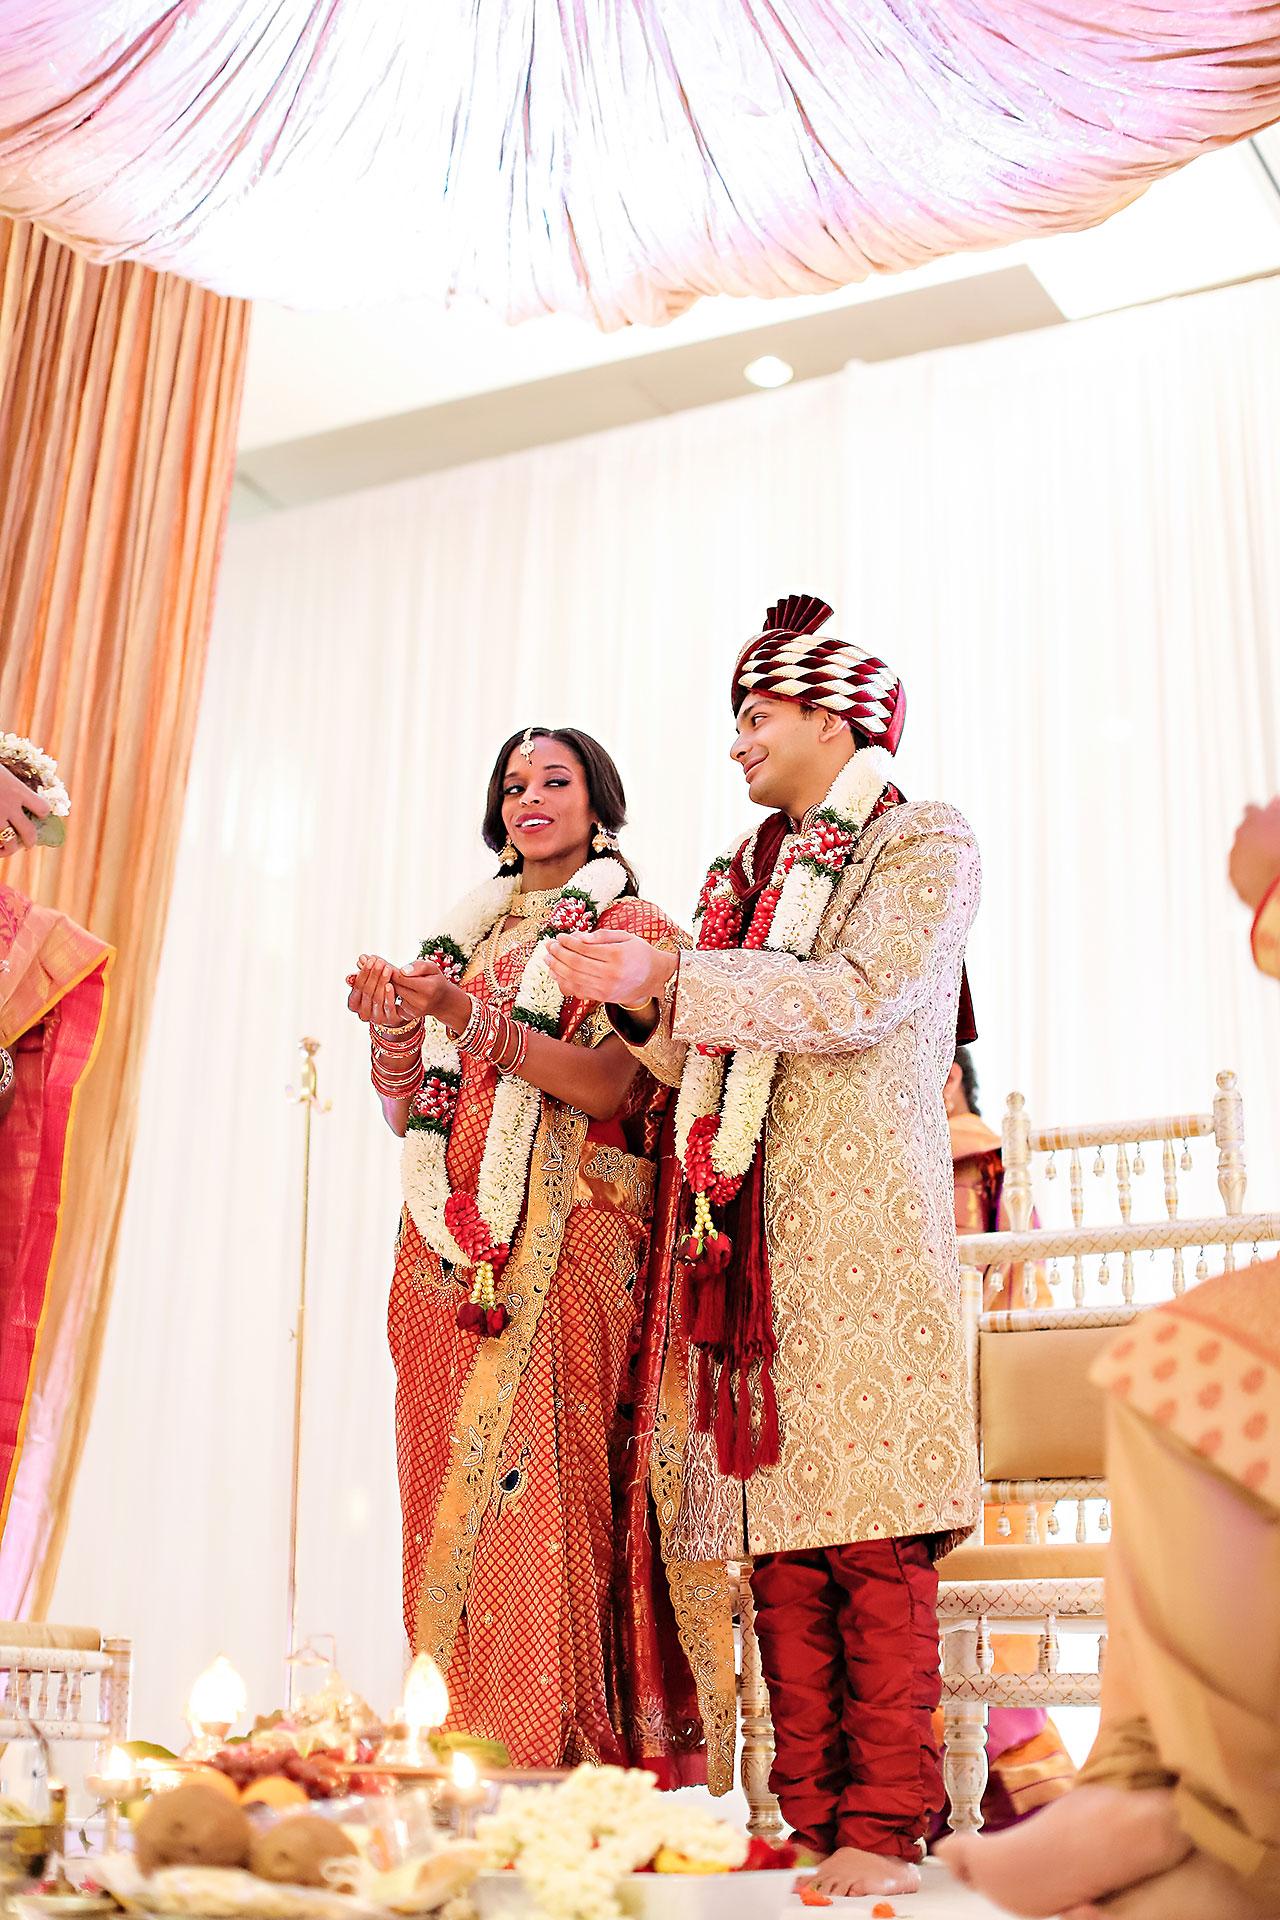 Joie Nikhil JW Marriott Indian Wedding 256